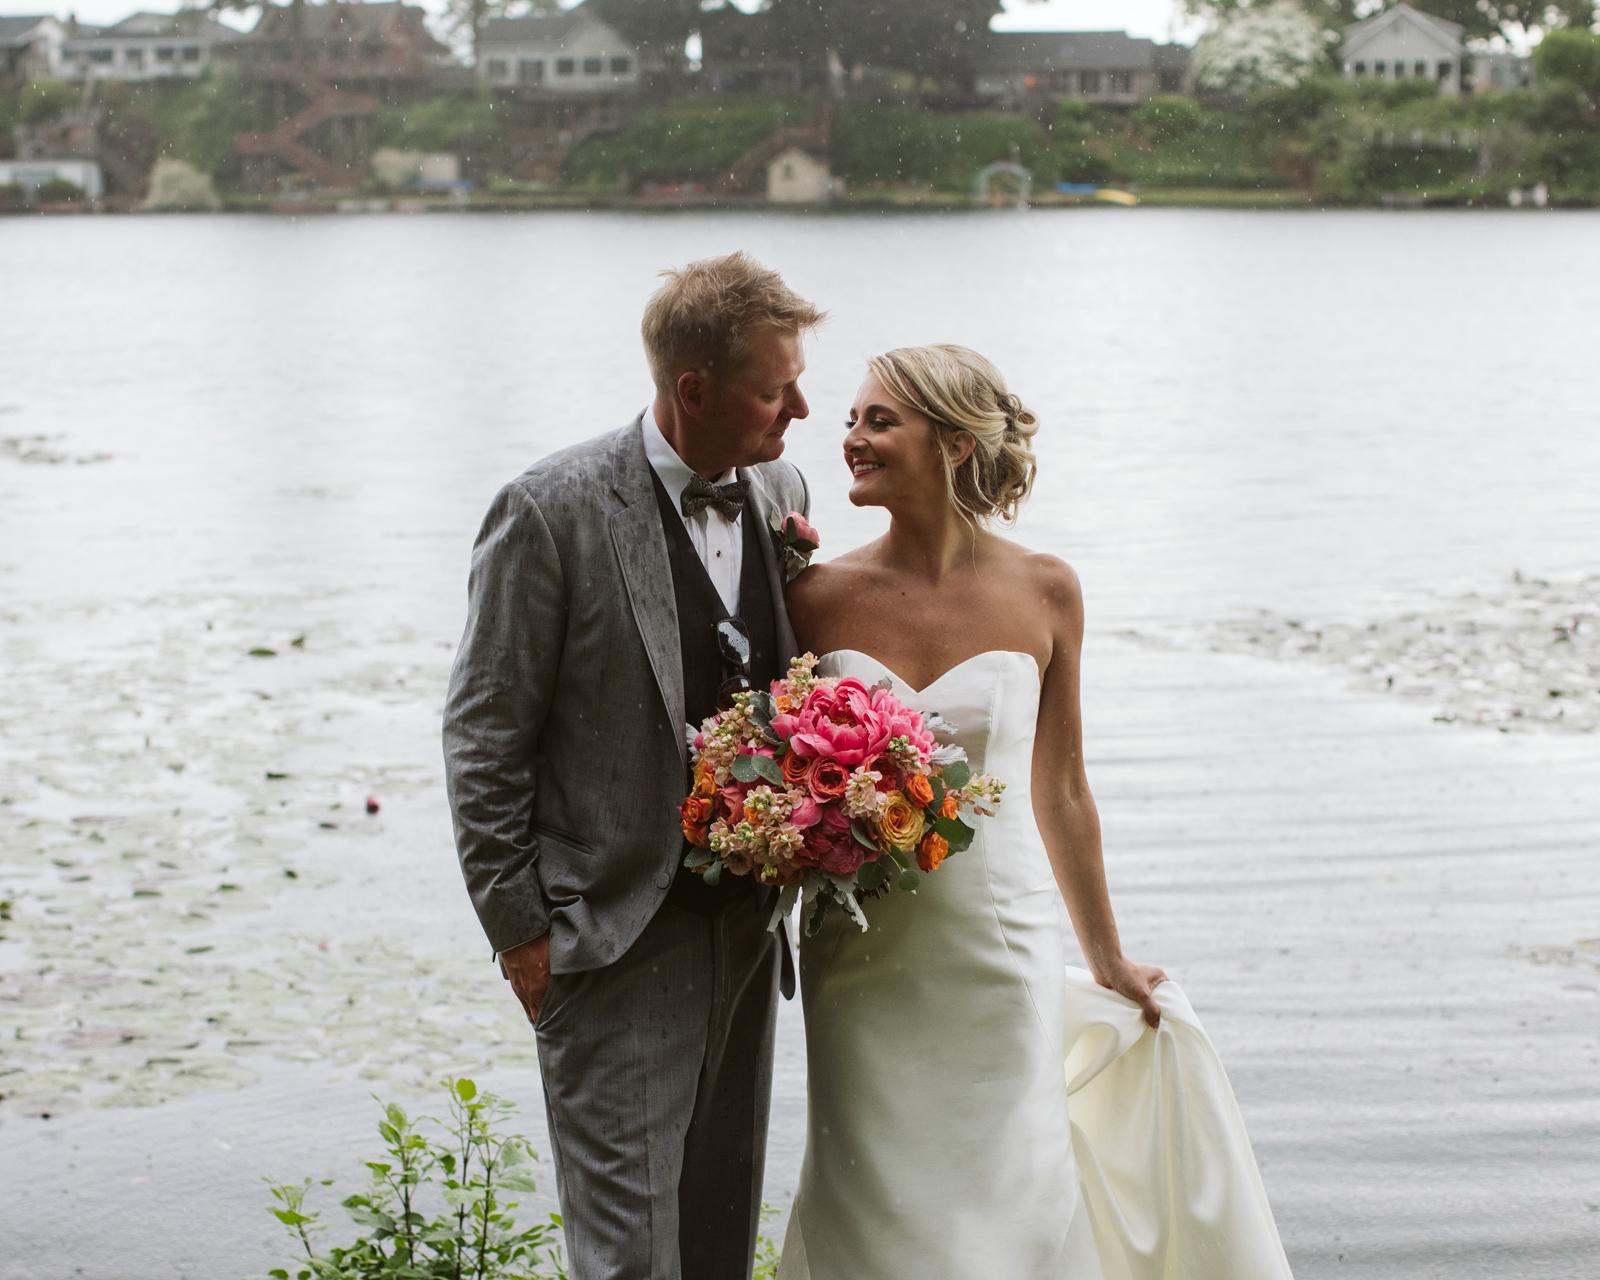 118-daronjackson-gabby-alec-wedding.jpg